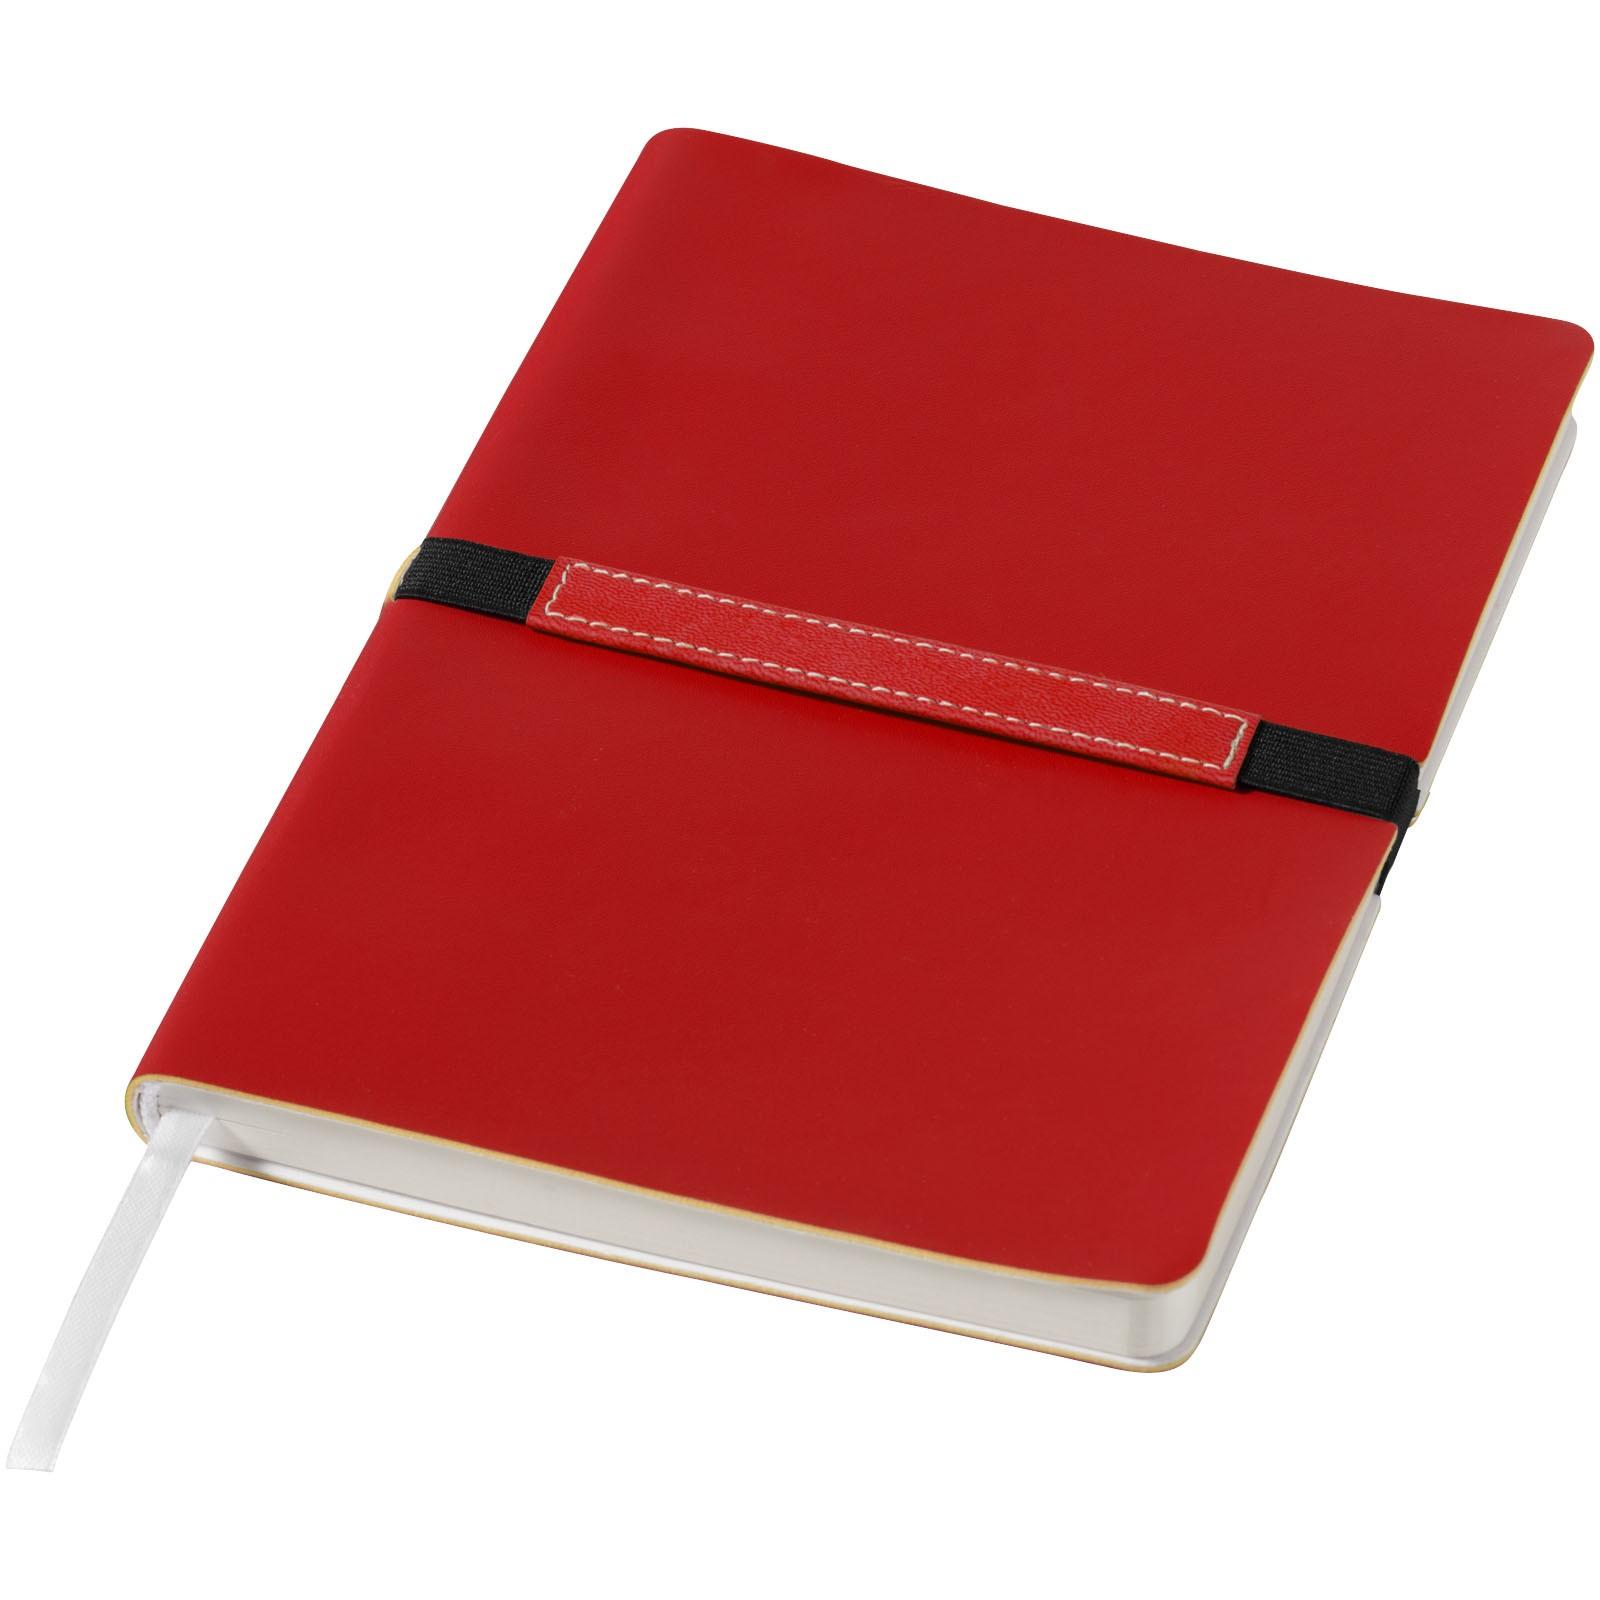 Zápisník s měkkou obálkou A5 Stretto - Červená s efektem námrazy